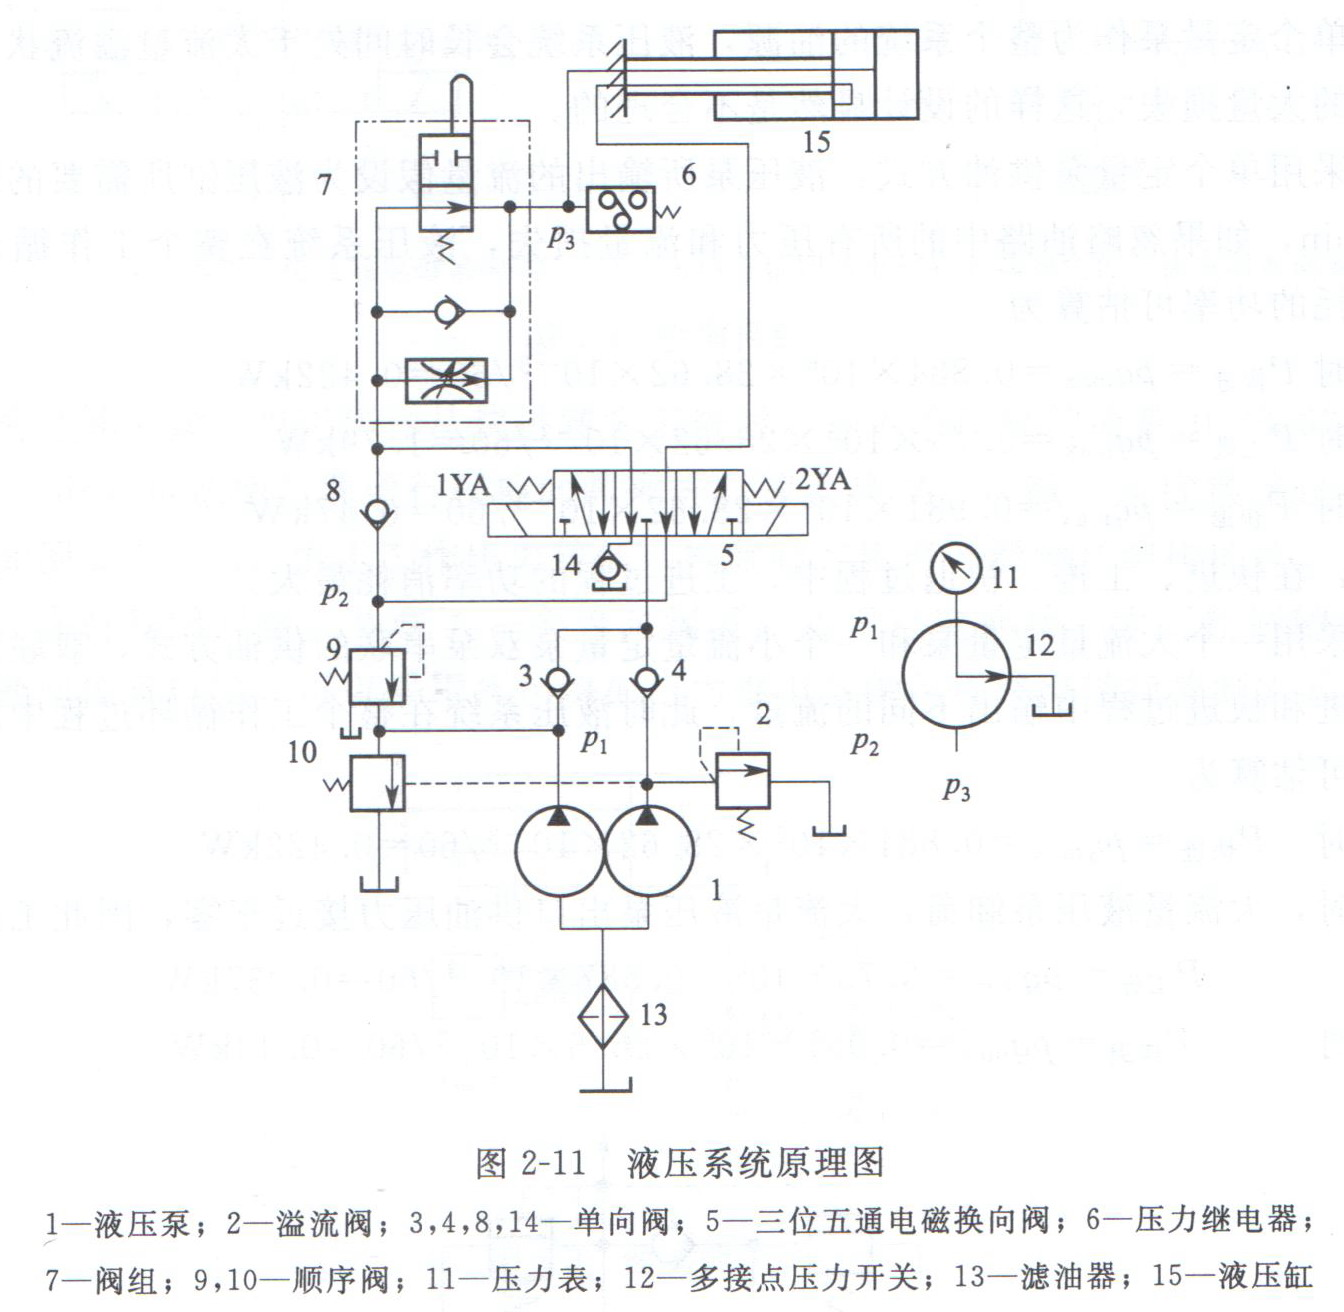 如何选择液压缸压力控制回路-张波的文章【一览职业图片